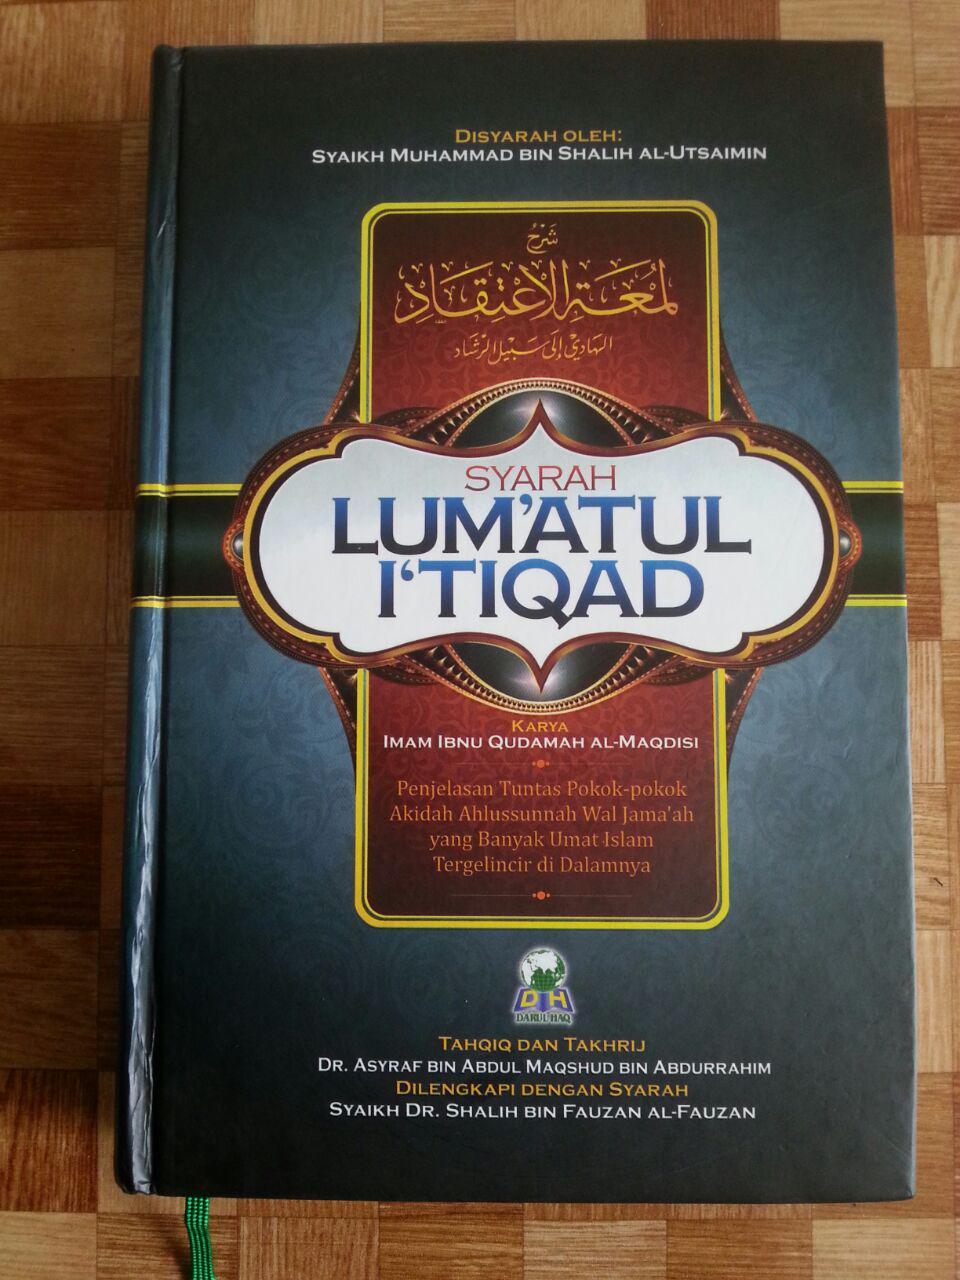 Buku Syarah Lum'atul I'tiqad cover 2